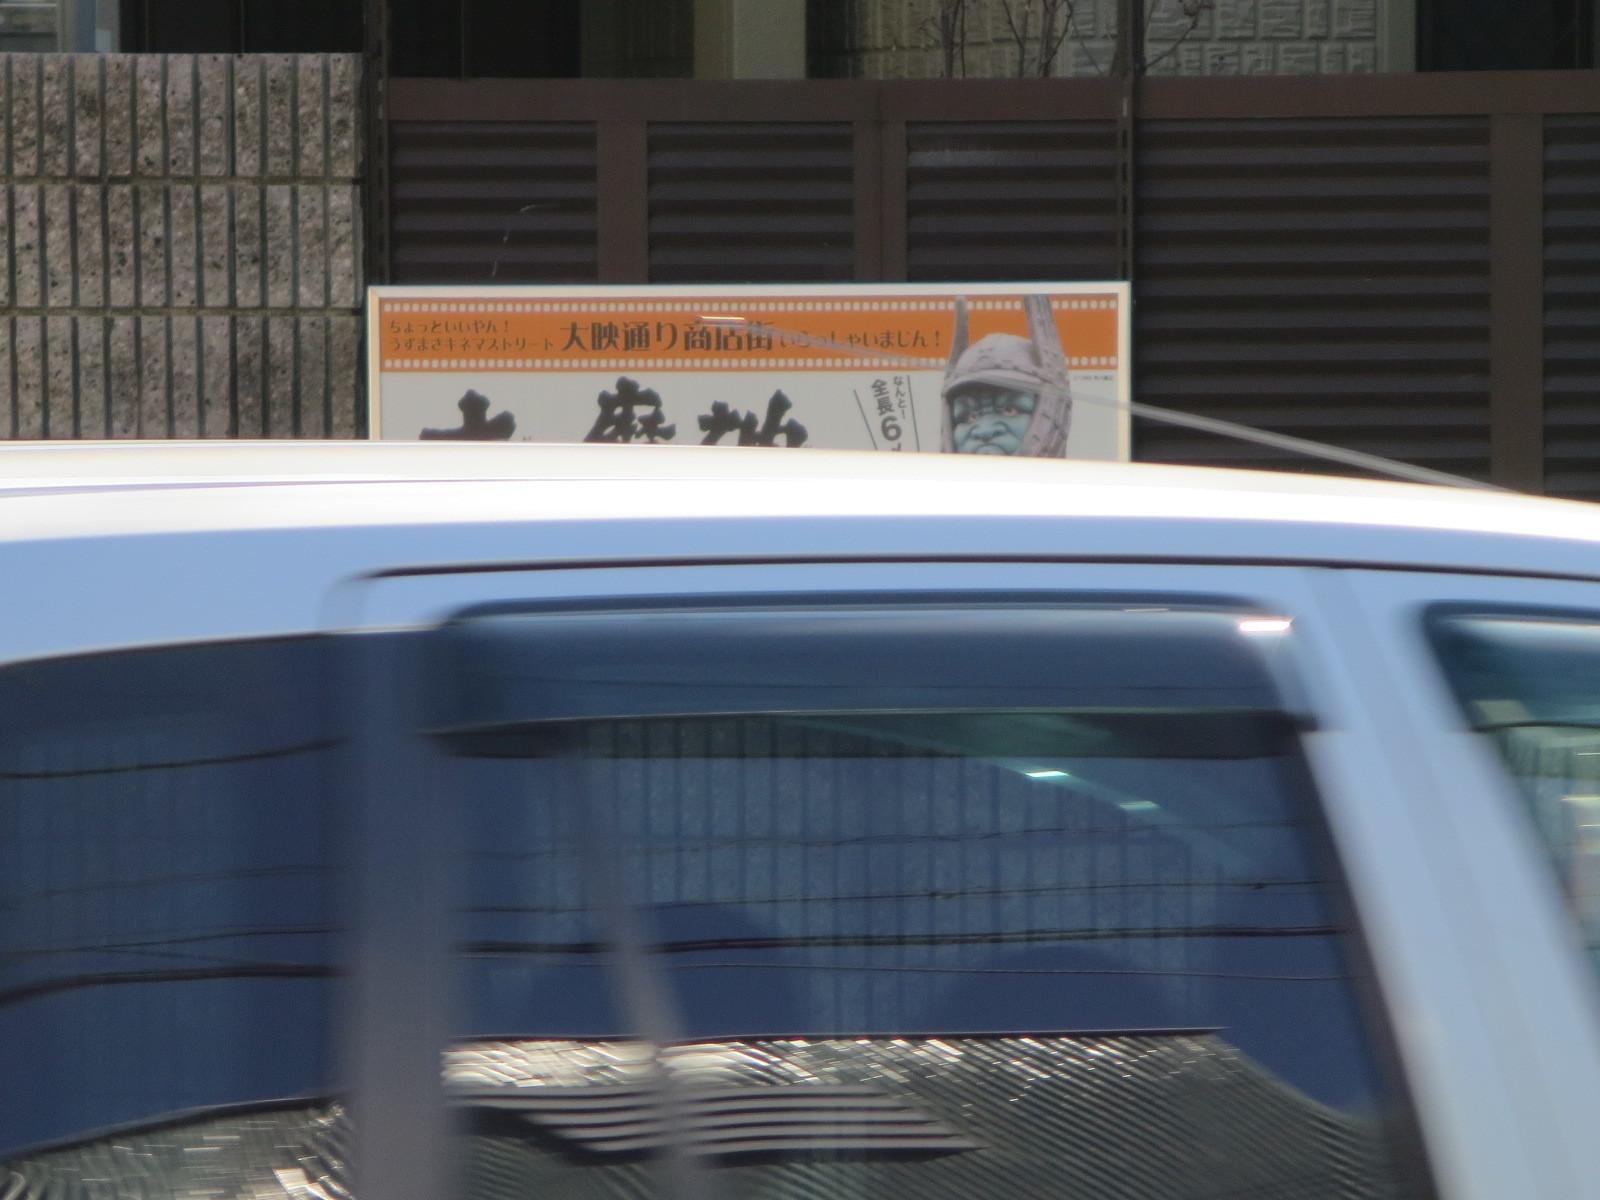 「京都難読地名!」と言いたいがそれほどでもなく、みんな知ってるような気もしないでもない辻_c0001670_14243042.jpg